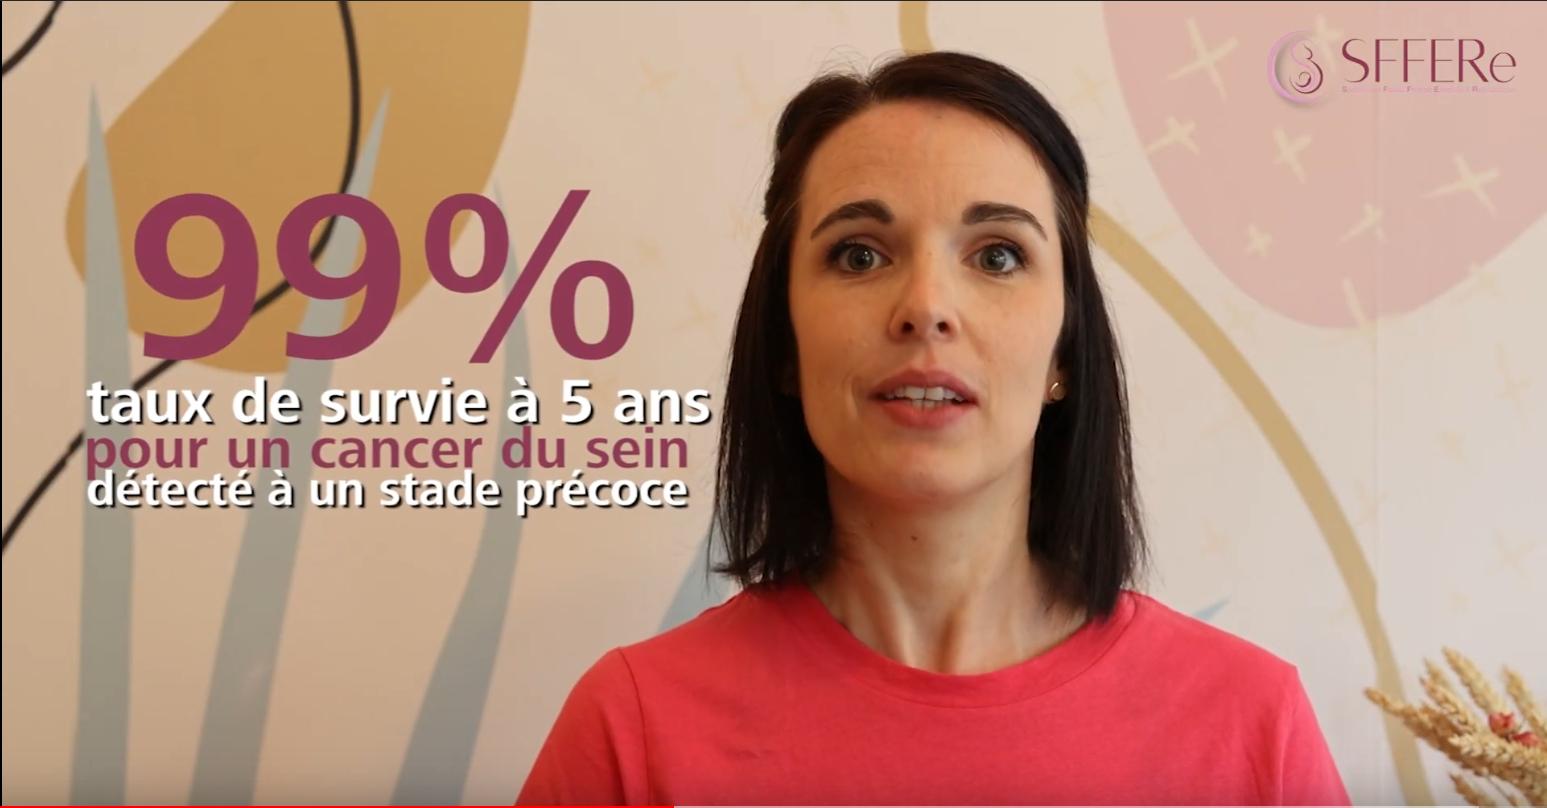 Octobre Rose : le centre SFFERe à vos côtés contre le cancer du sein